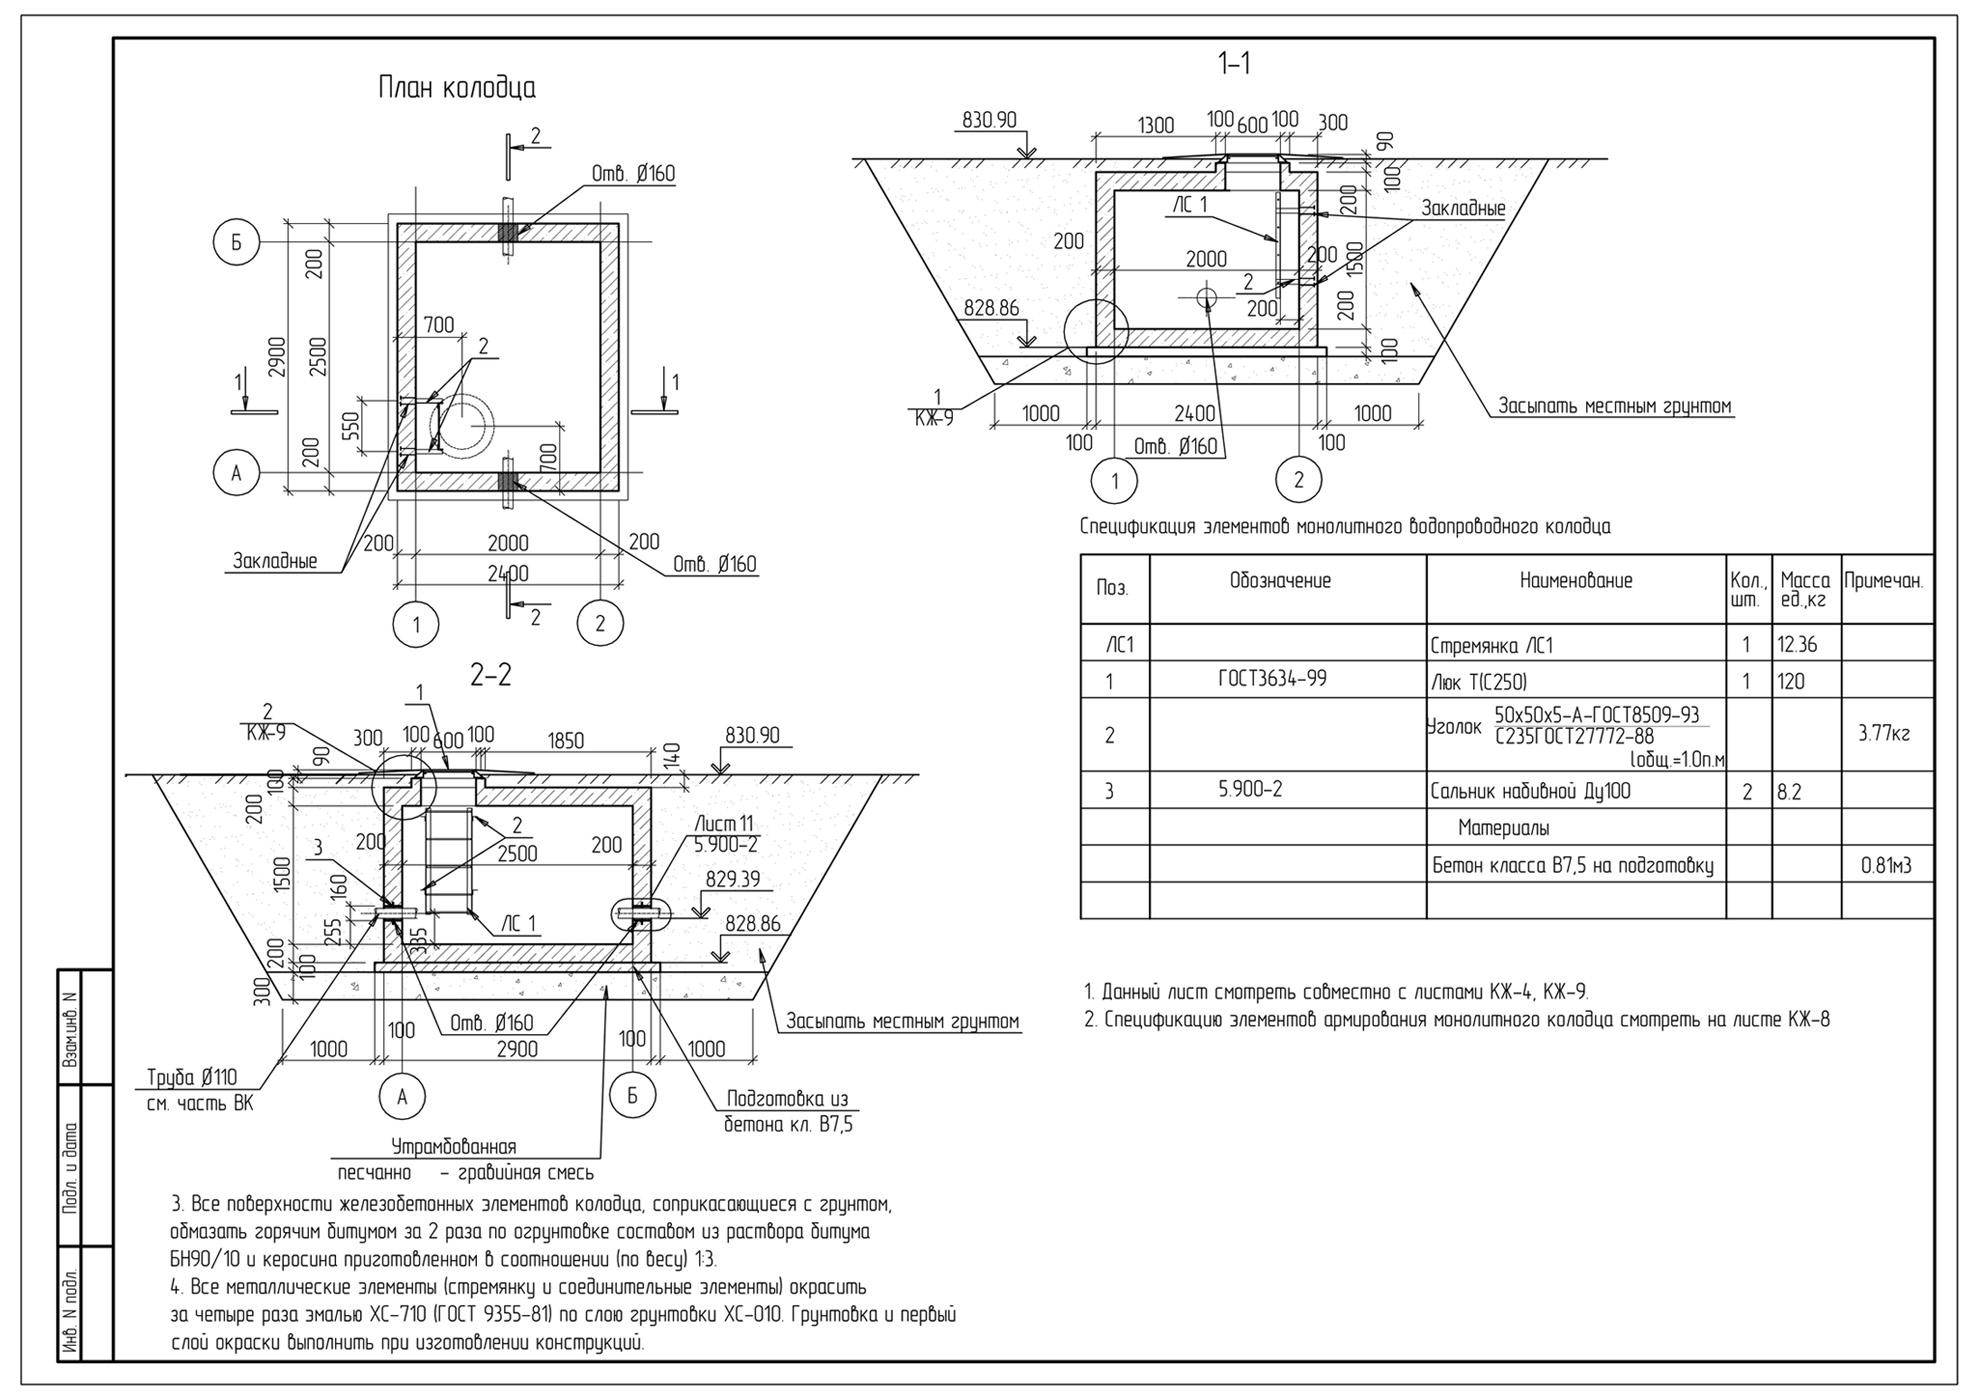 Монолитный водопроводный колодец (DWG)